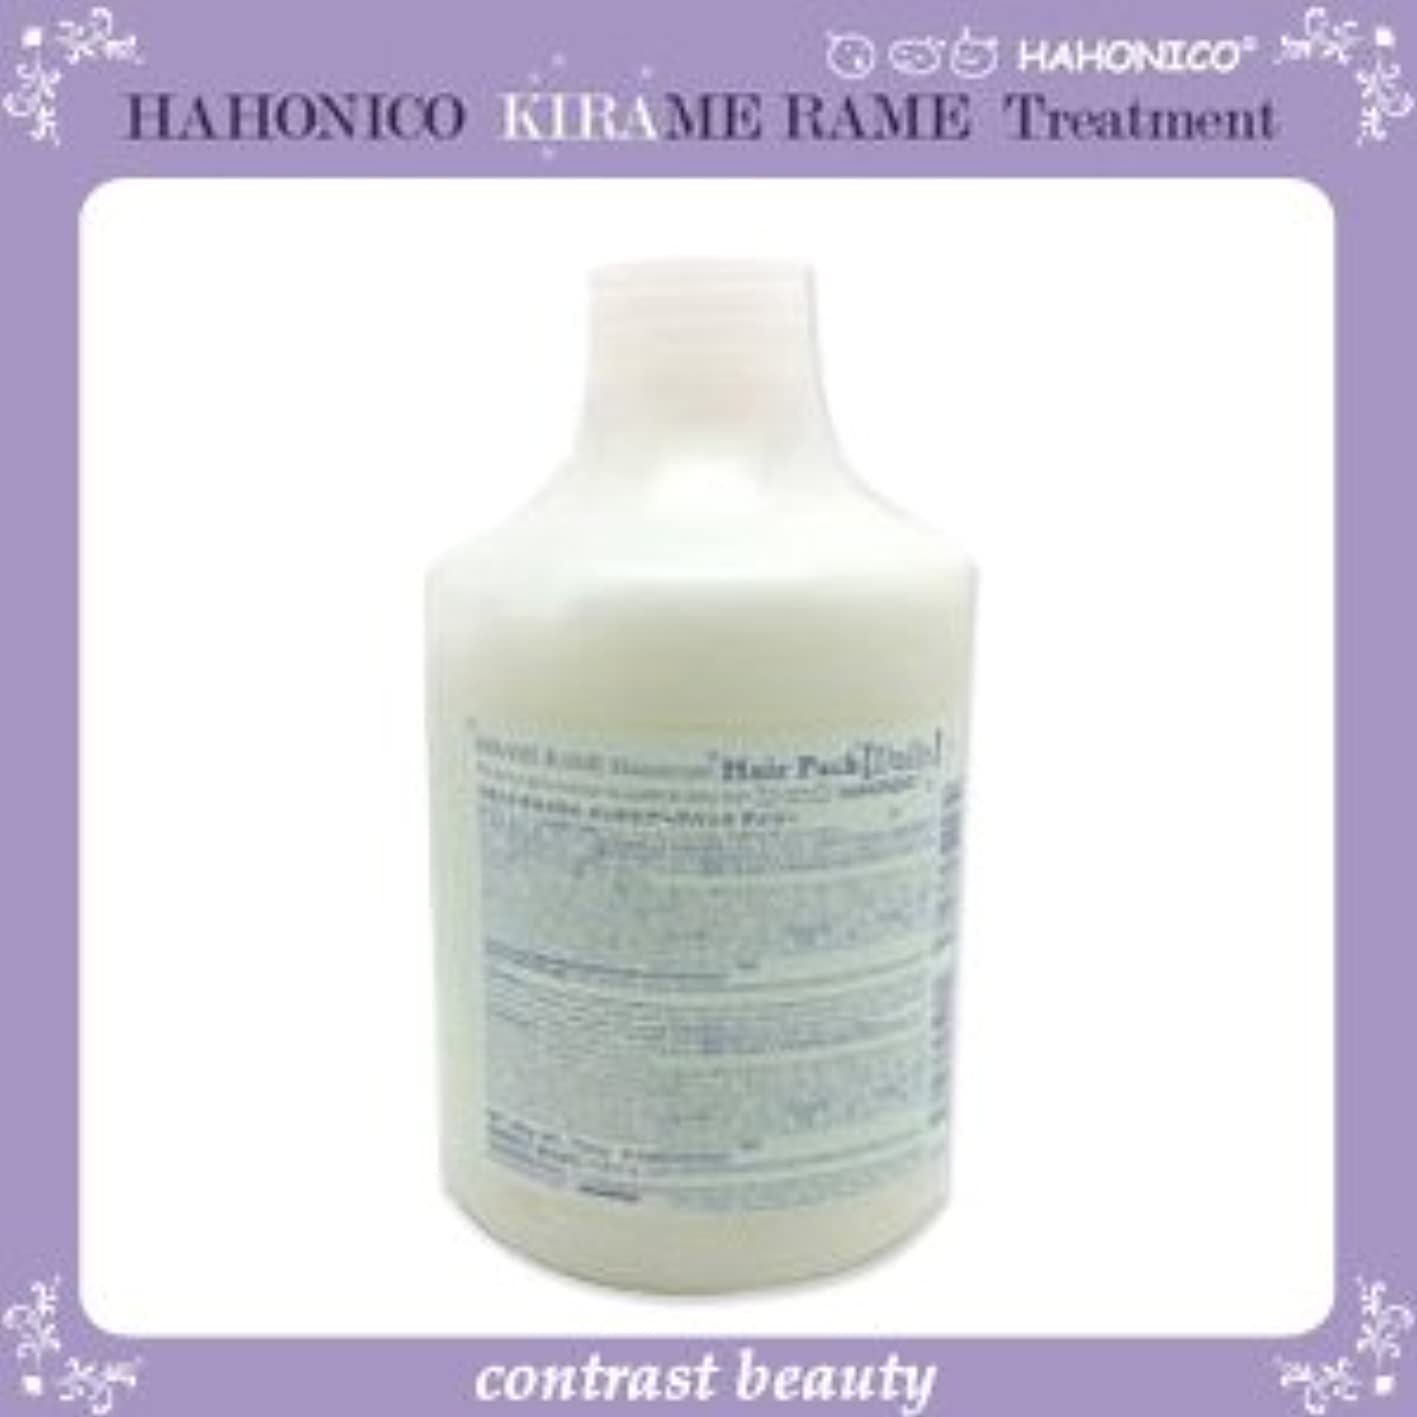 アヒルペイント継承【X5個セット】 ハホニコ キラメラメ メンテケアヘアパックデイリー 500g KIRAME RAME HAHONICO